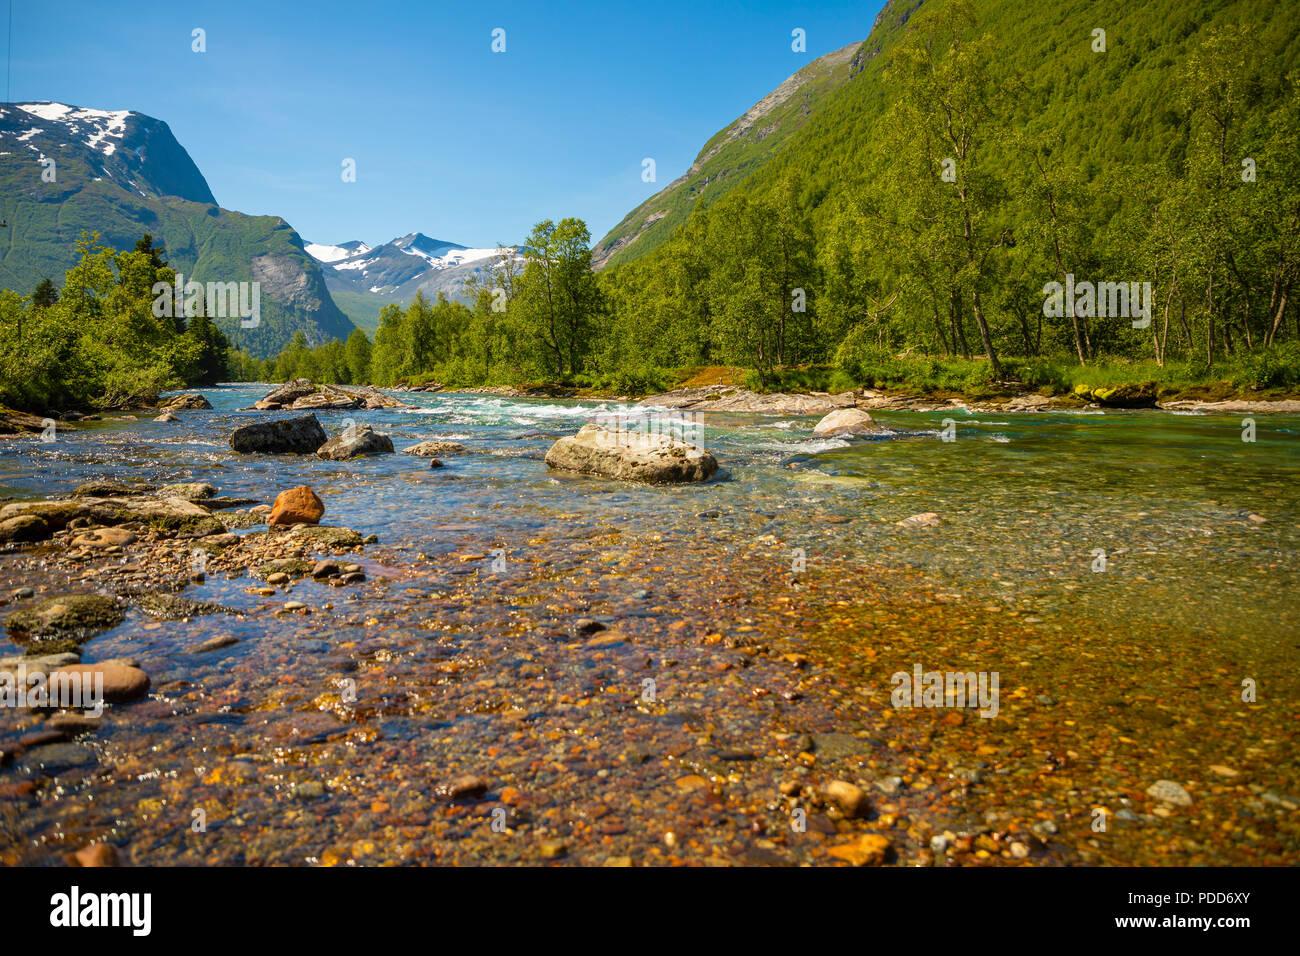 Beautiful mountain river near Trollstigen in Norway - Stock Image